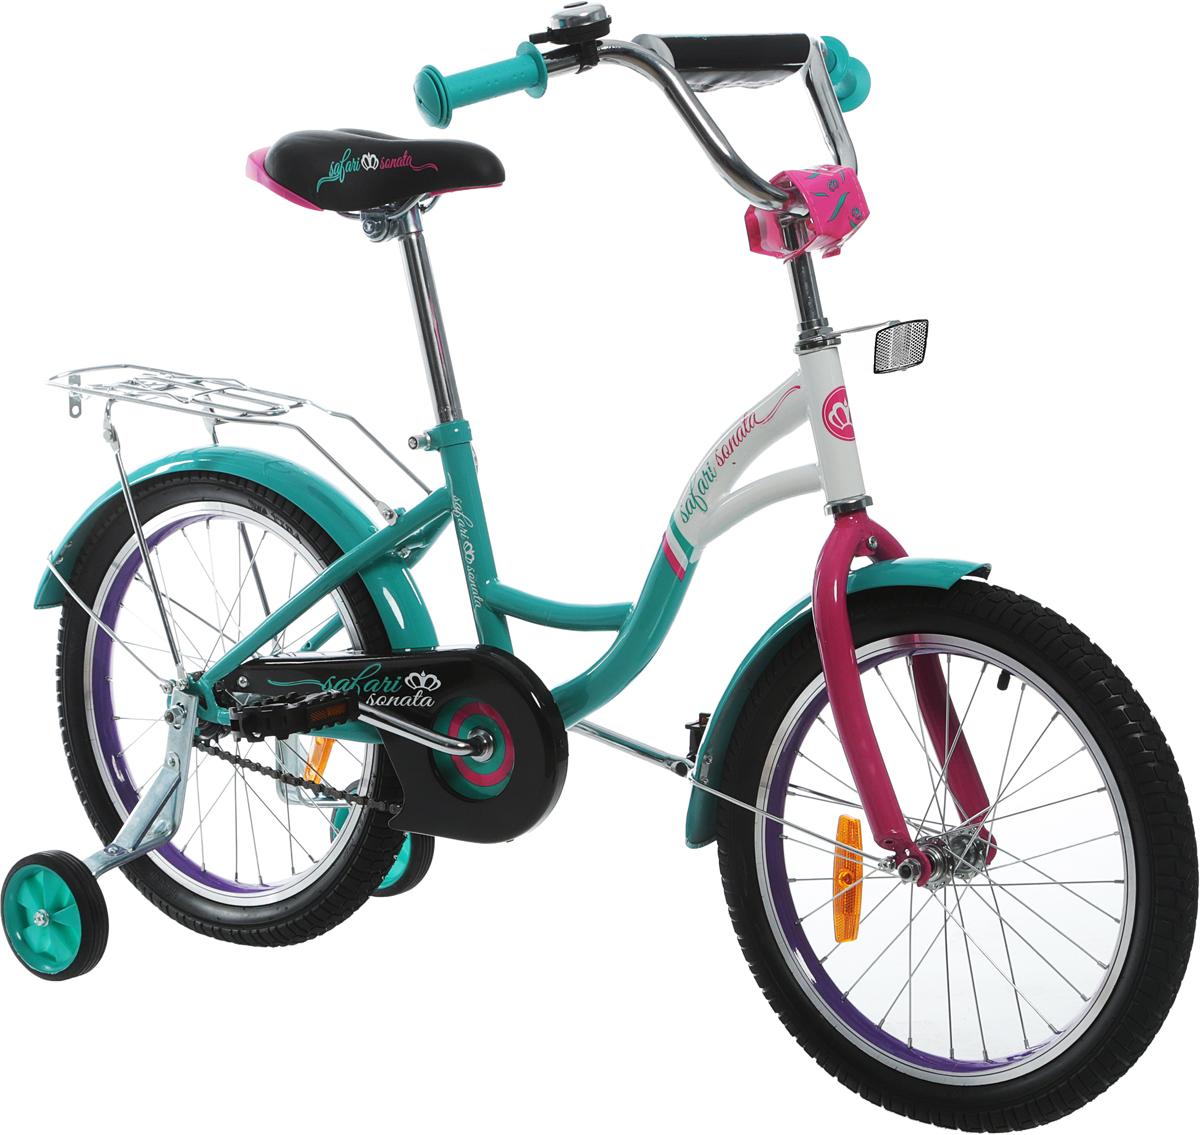 Велосипед детский Safari  Proff Sonata , двухколесный, цвет: бирюзовый, колесо 18  - Детские велосипеды